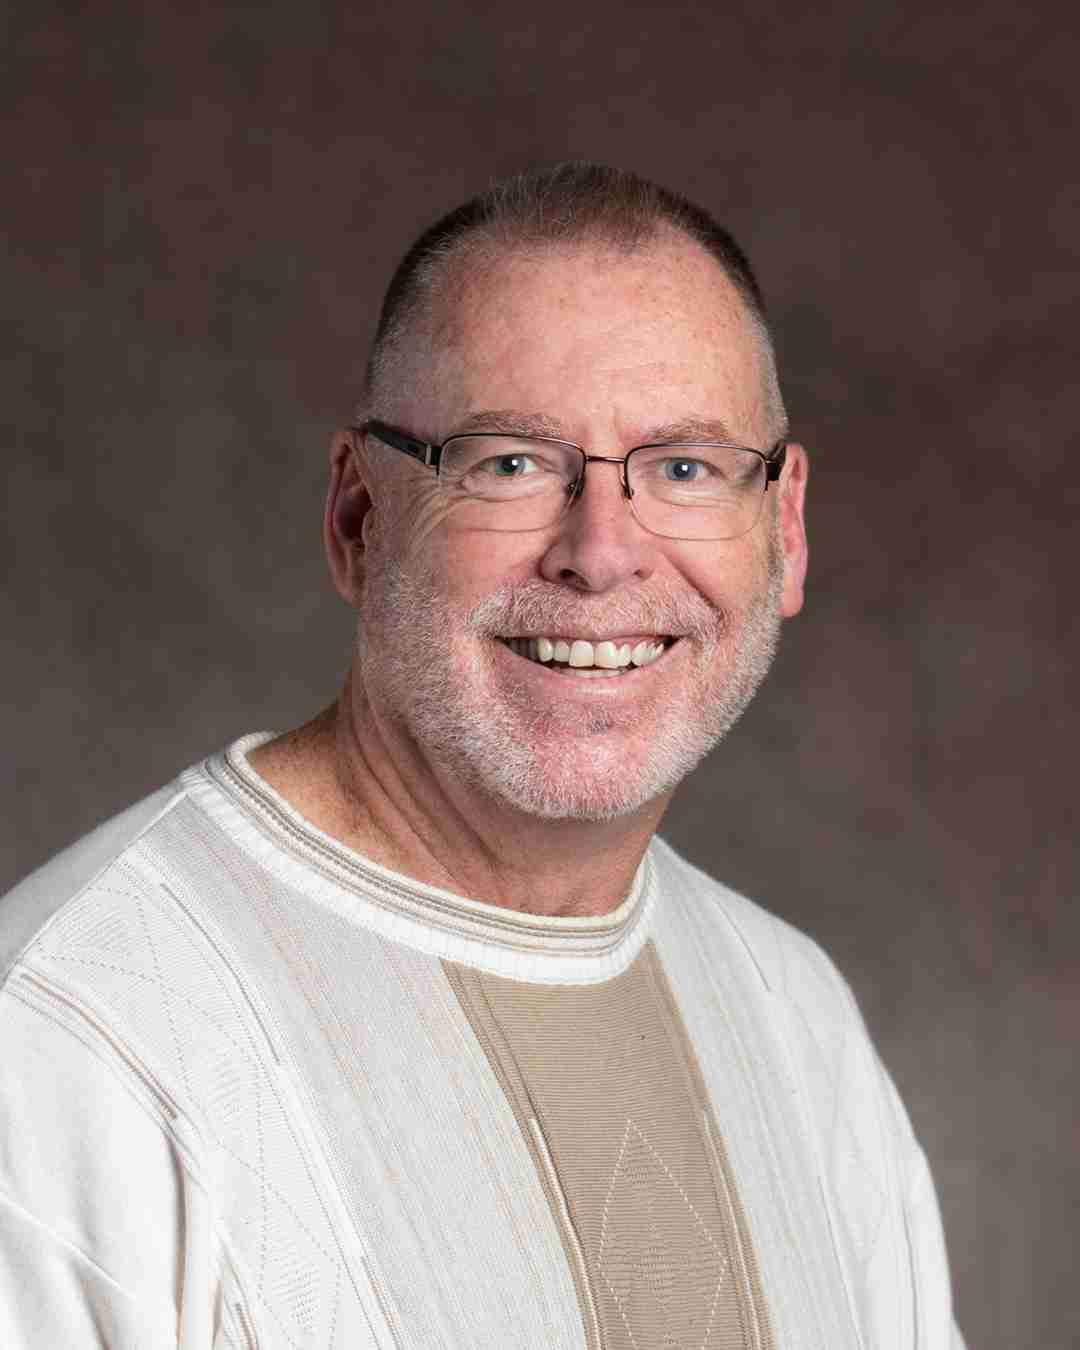 Brad Reiches